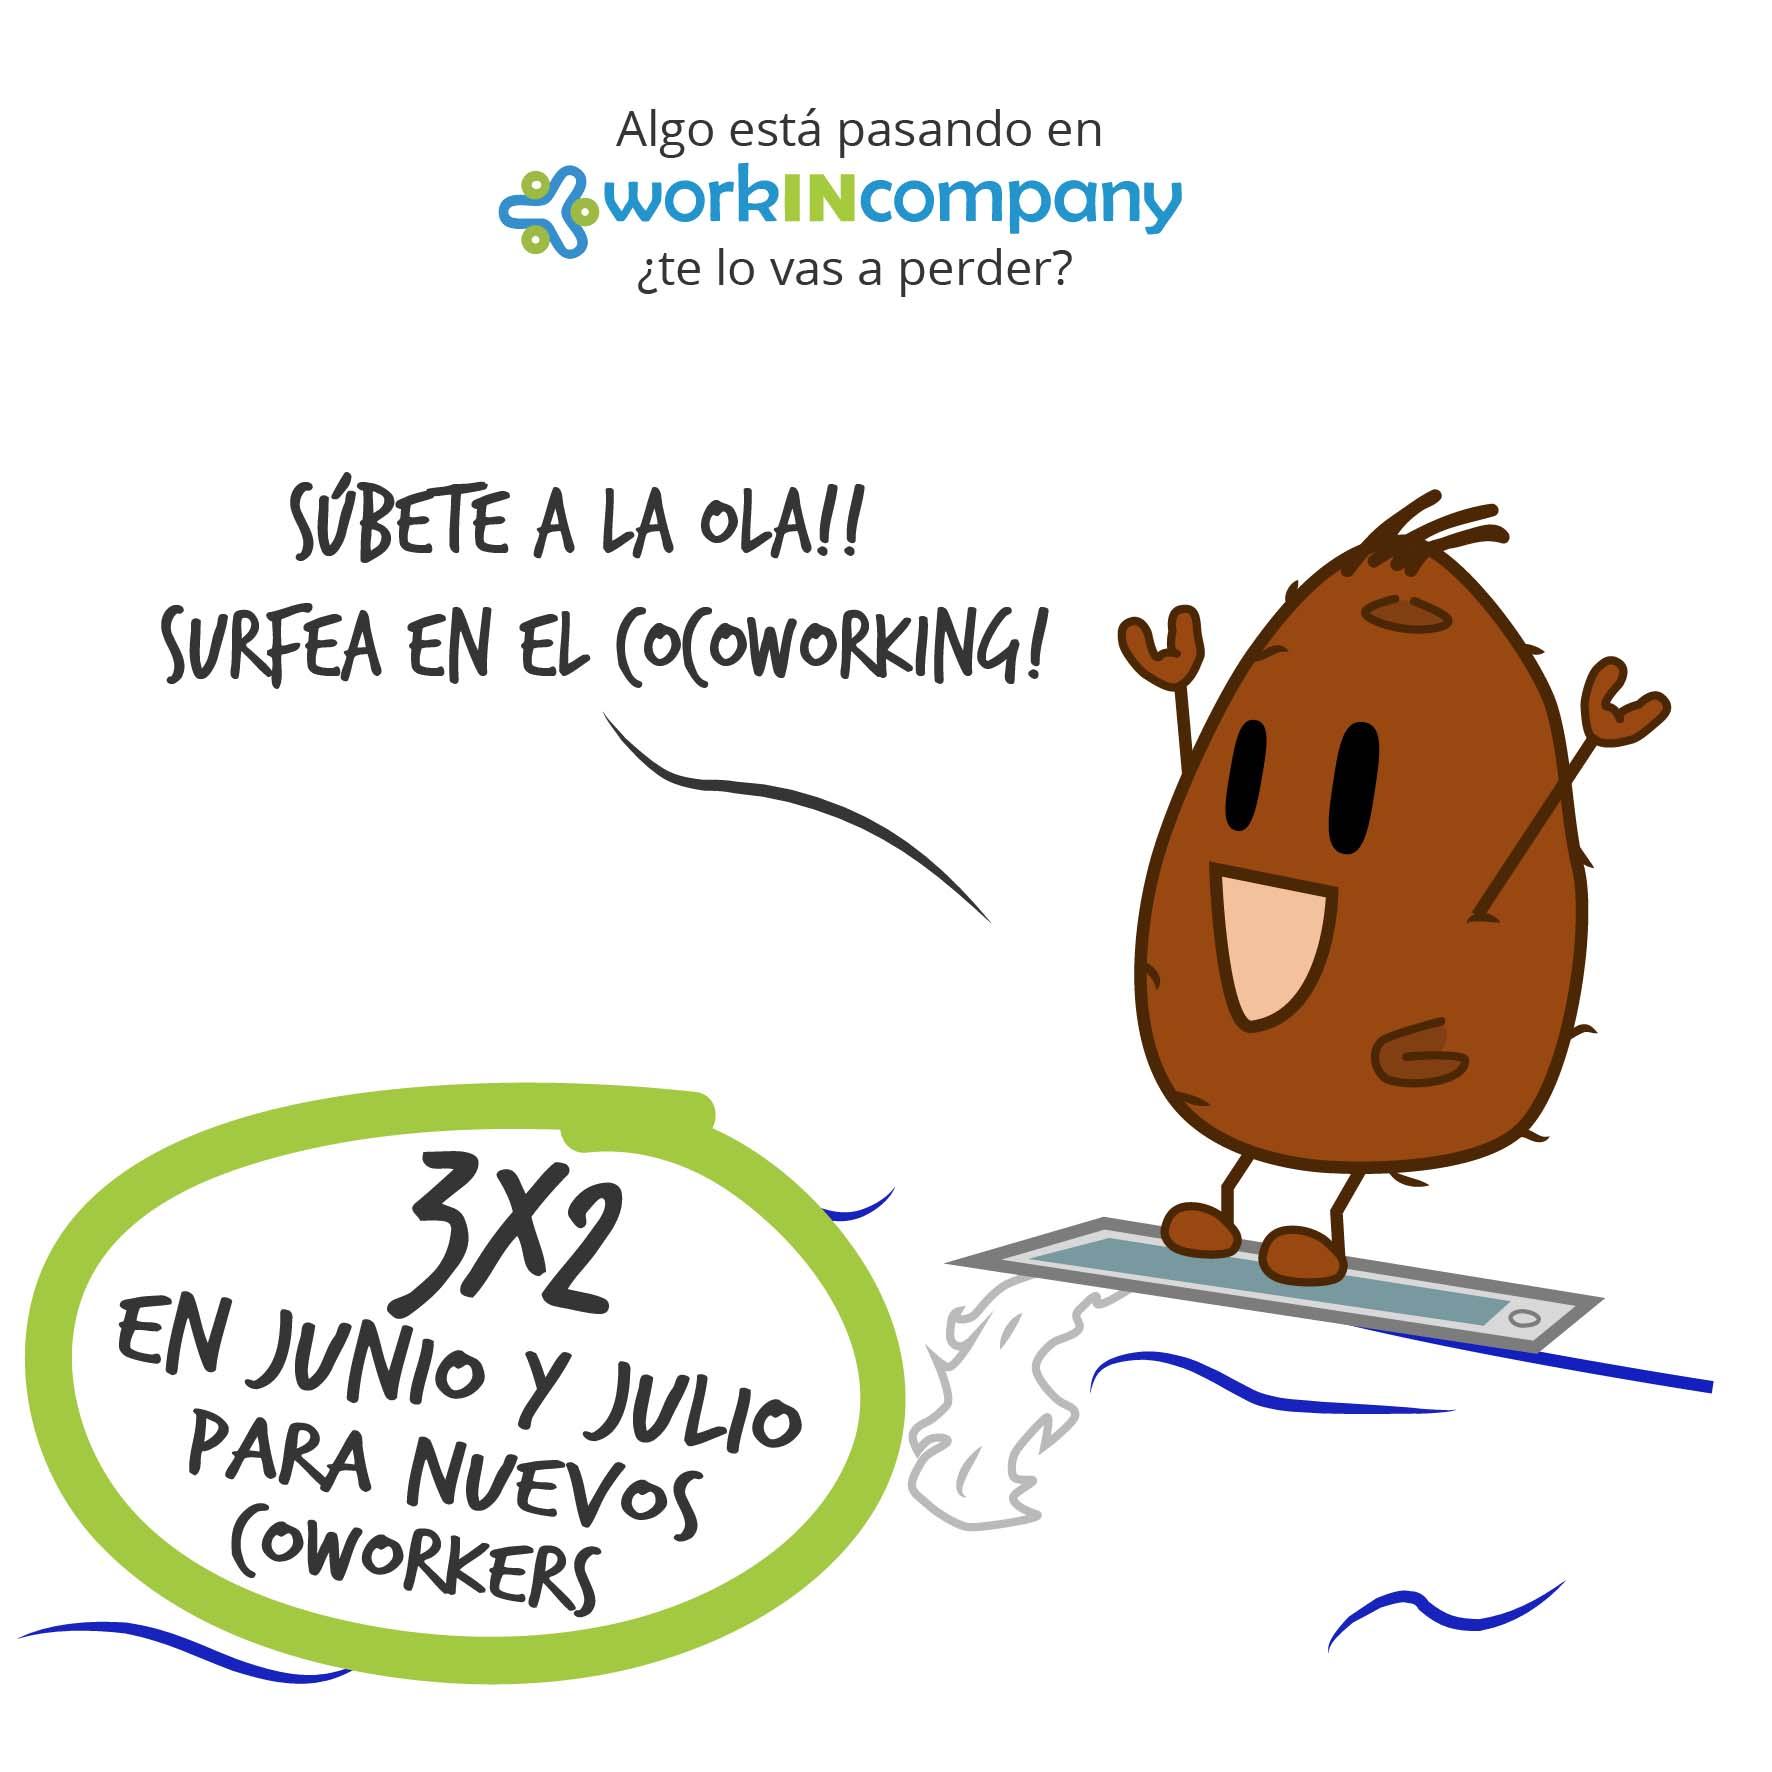 Cocoworker 4 - Surfero